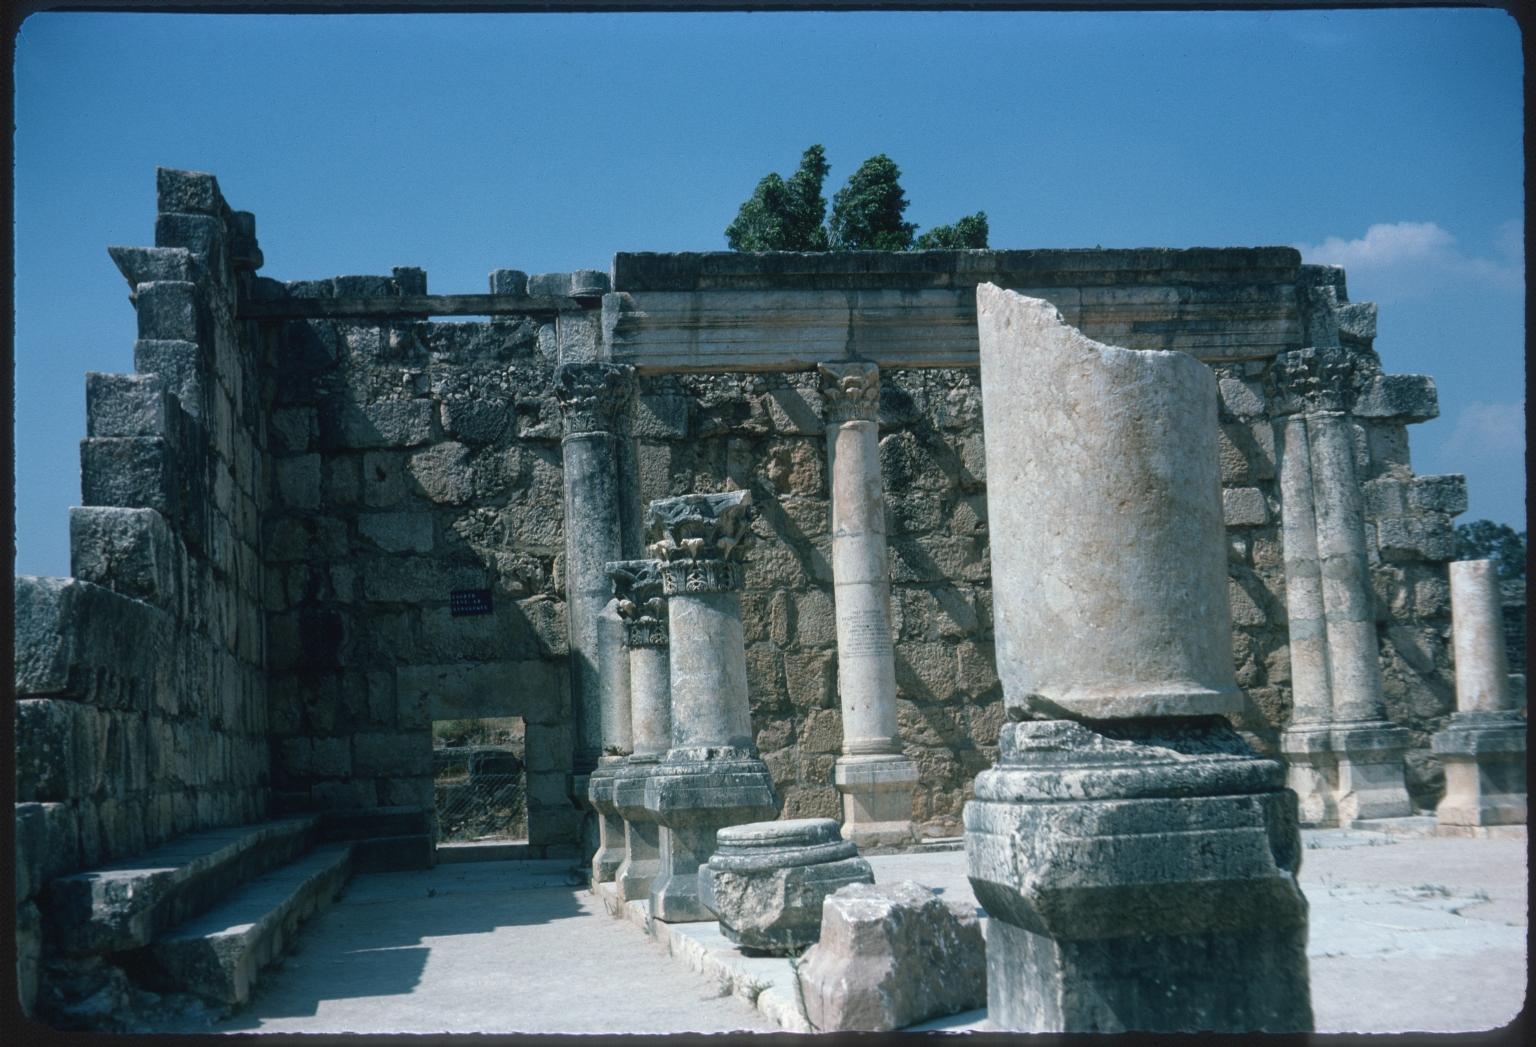 Ruins in Capernaum, Israel